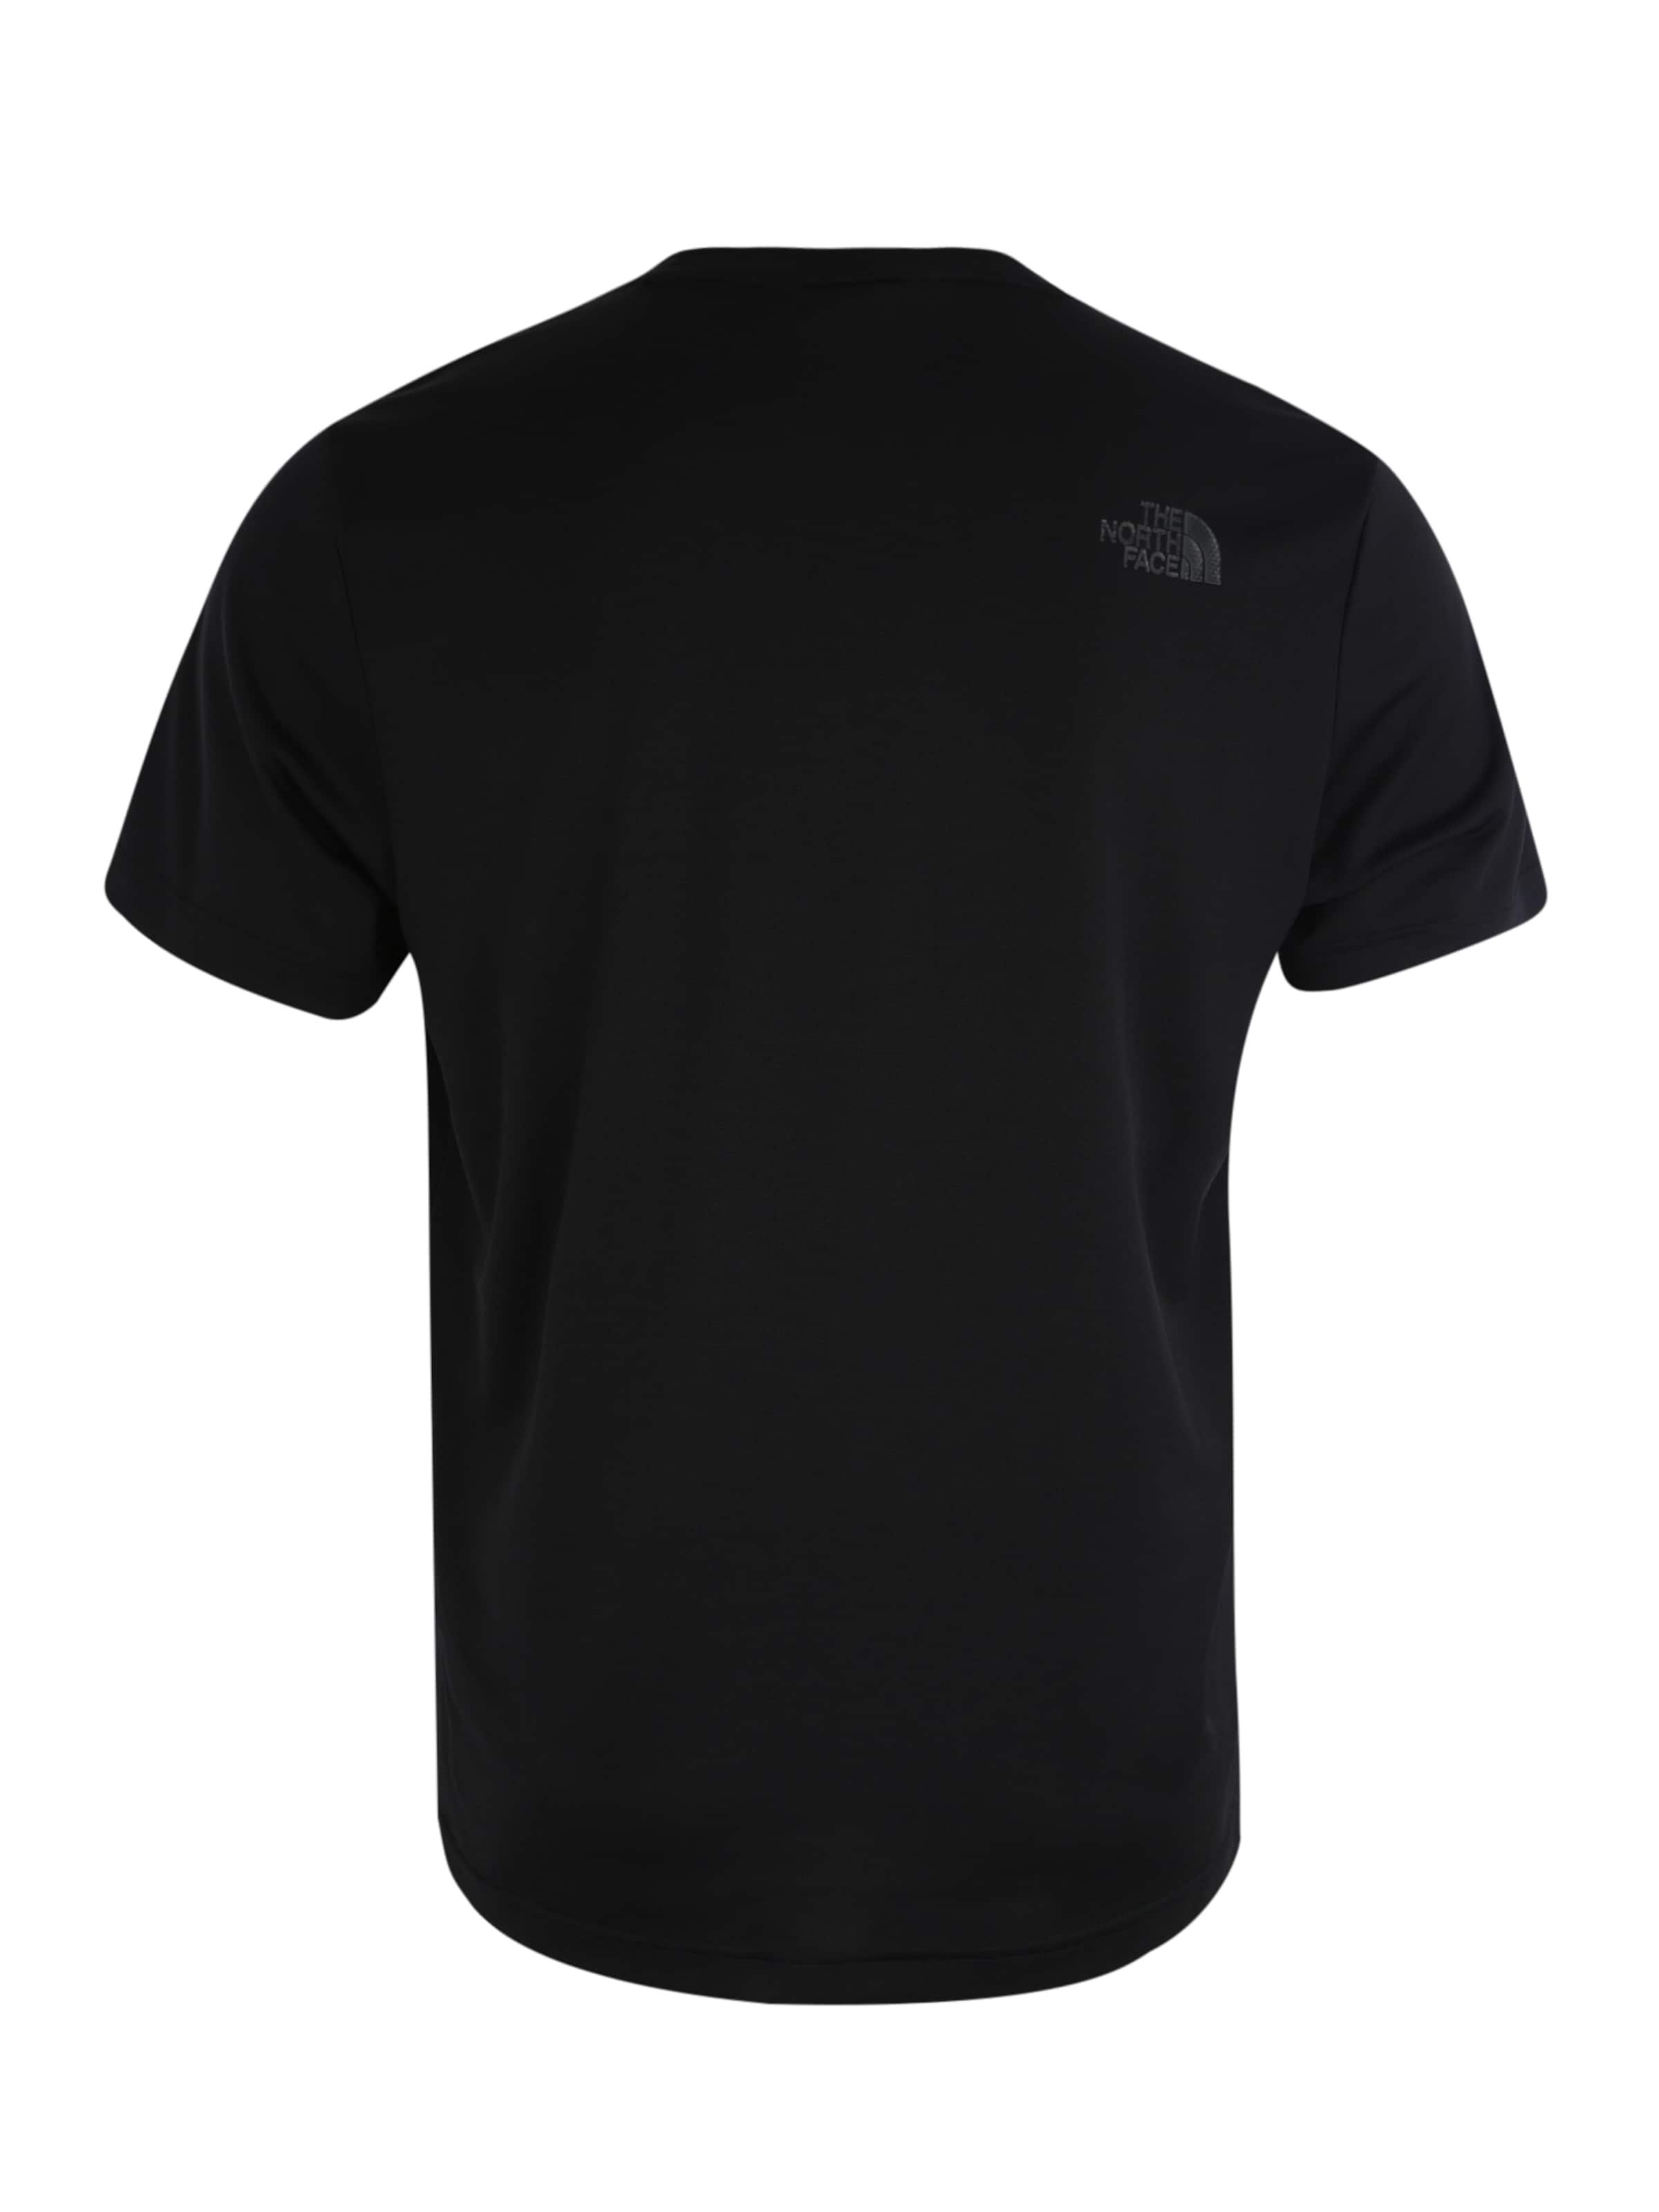 Fonctionnel shirt En 'tanken' Noir Face North T The sxhrCBdtQ